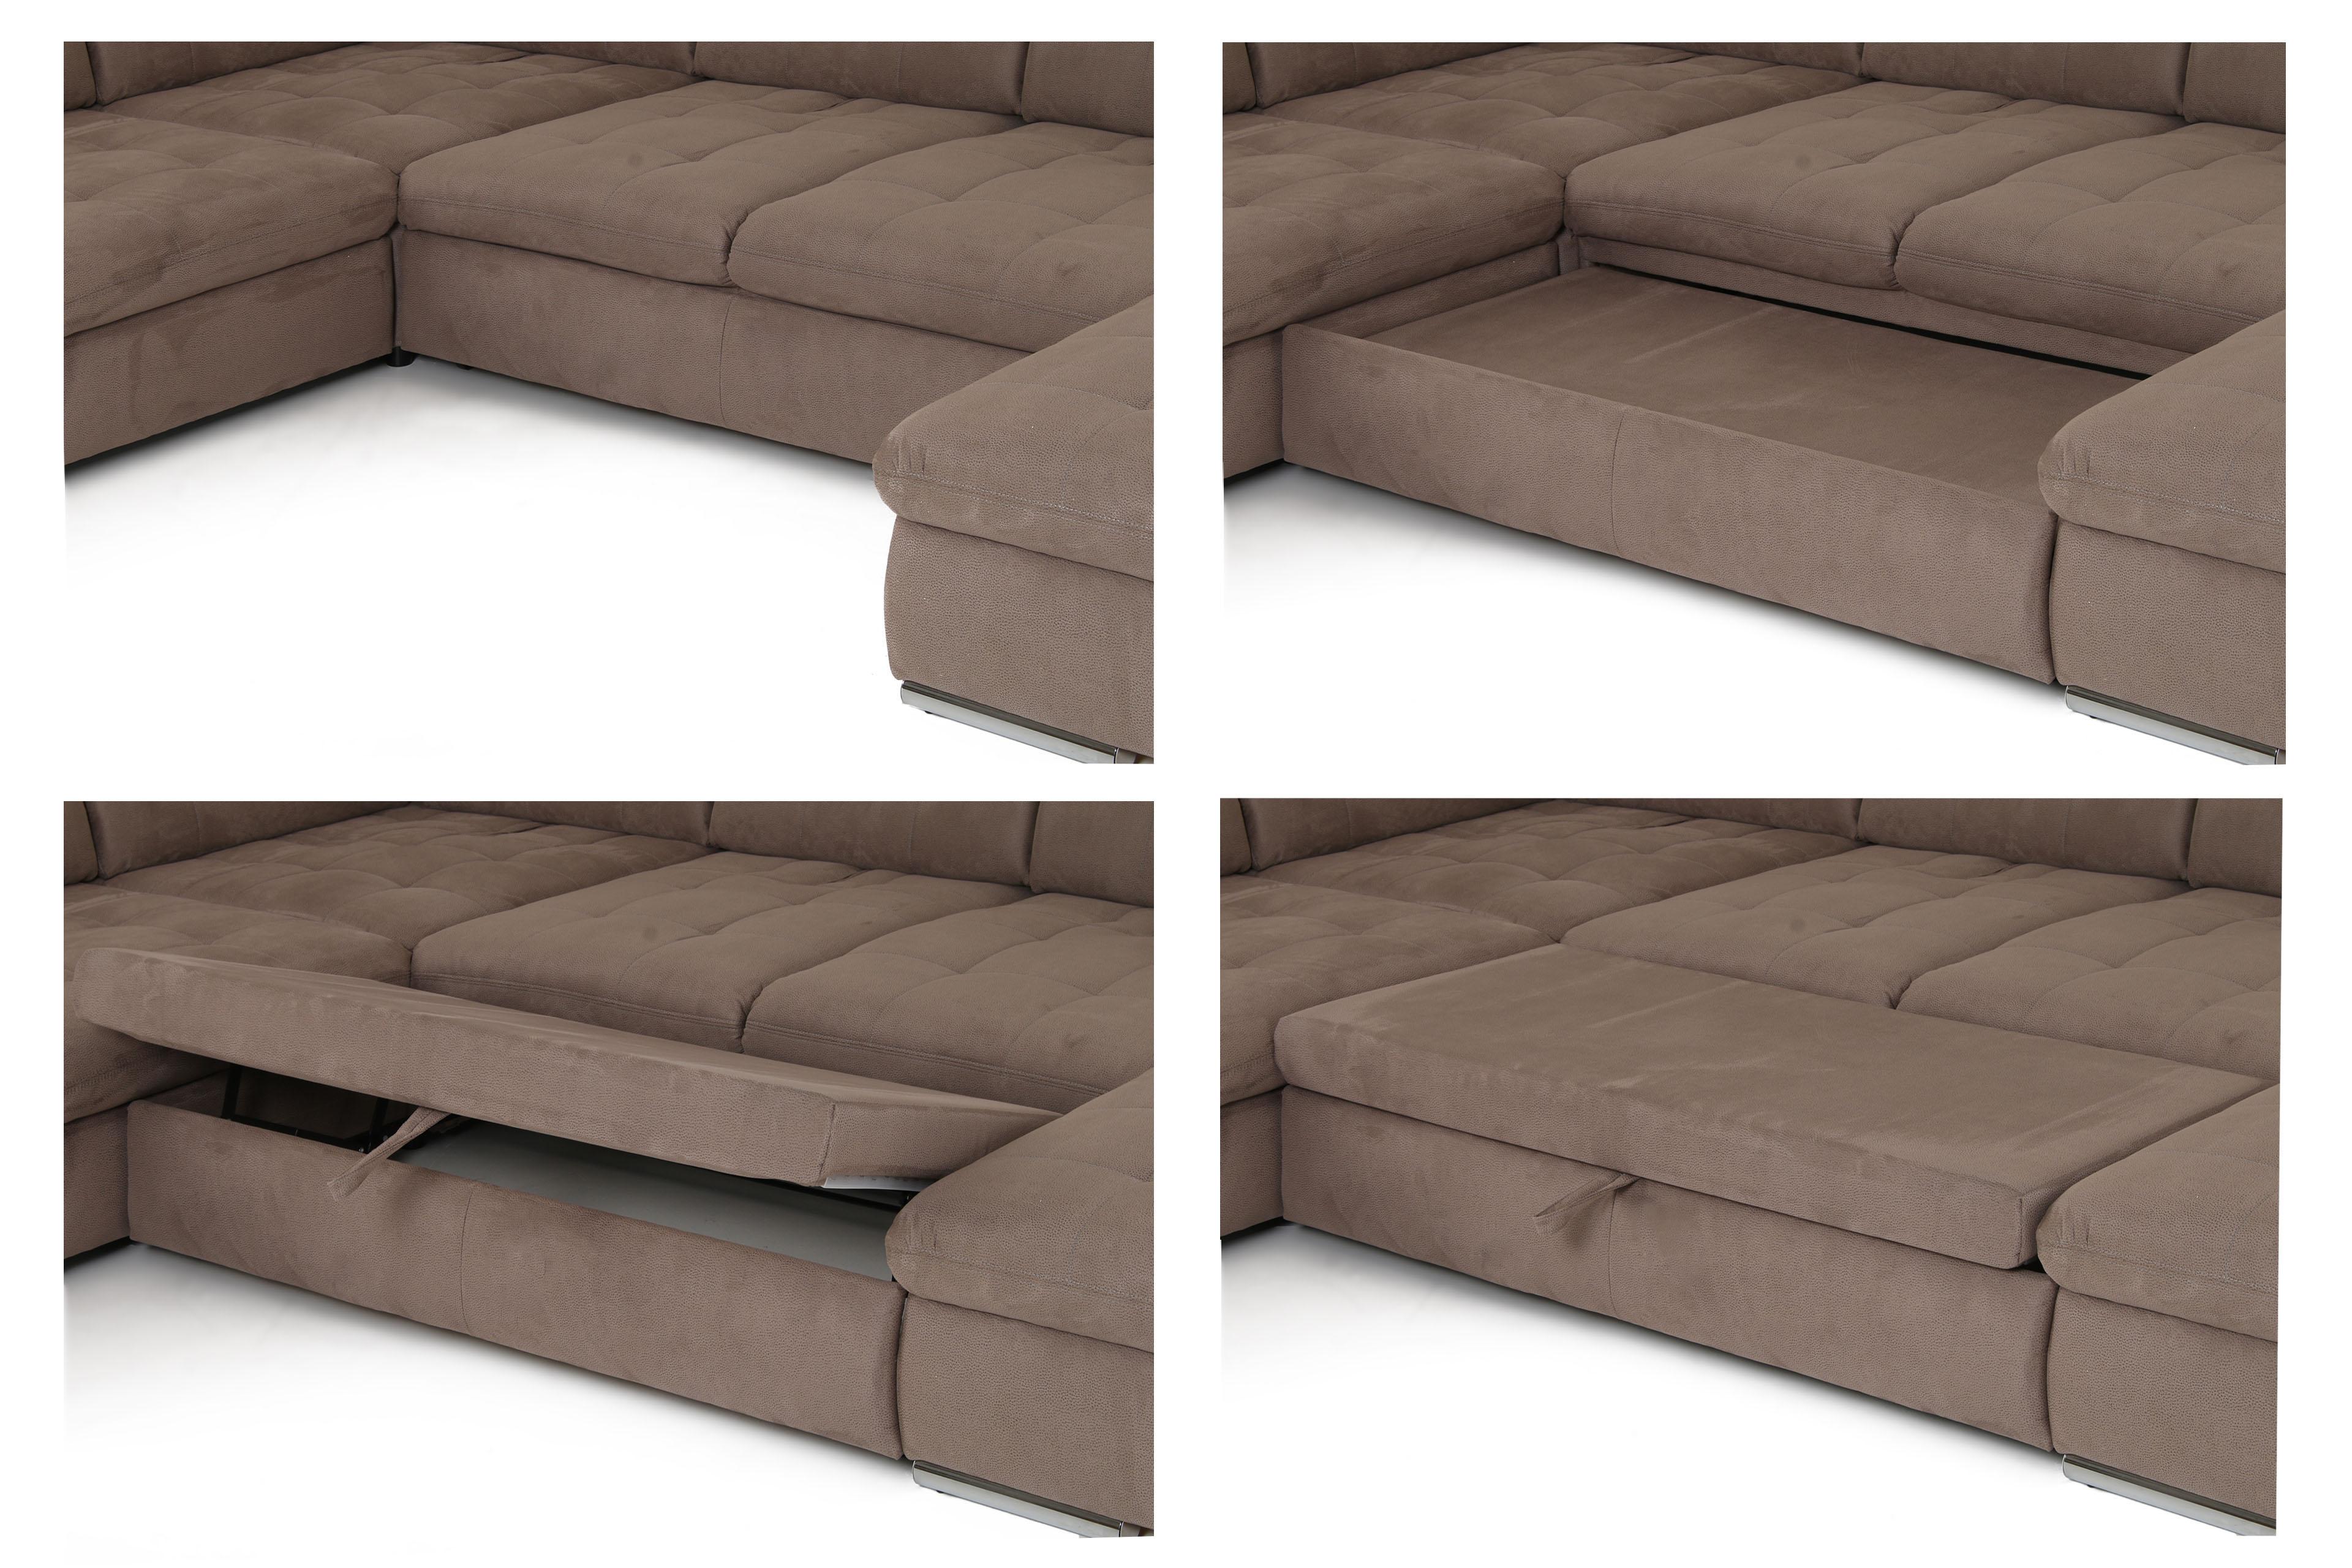 santa fe wohnlandschaft grau braun von poco m bel letz ihr online shop. Black Bedroom Furniture Sets. Home Design Ideas